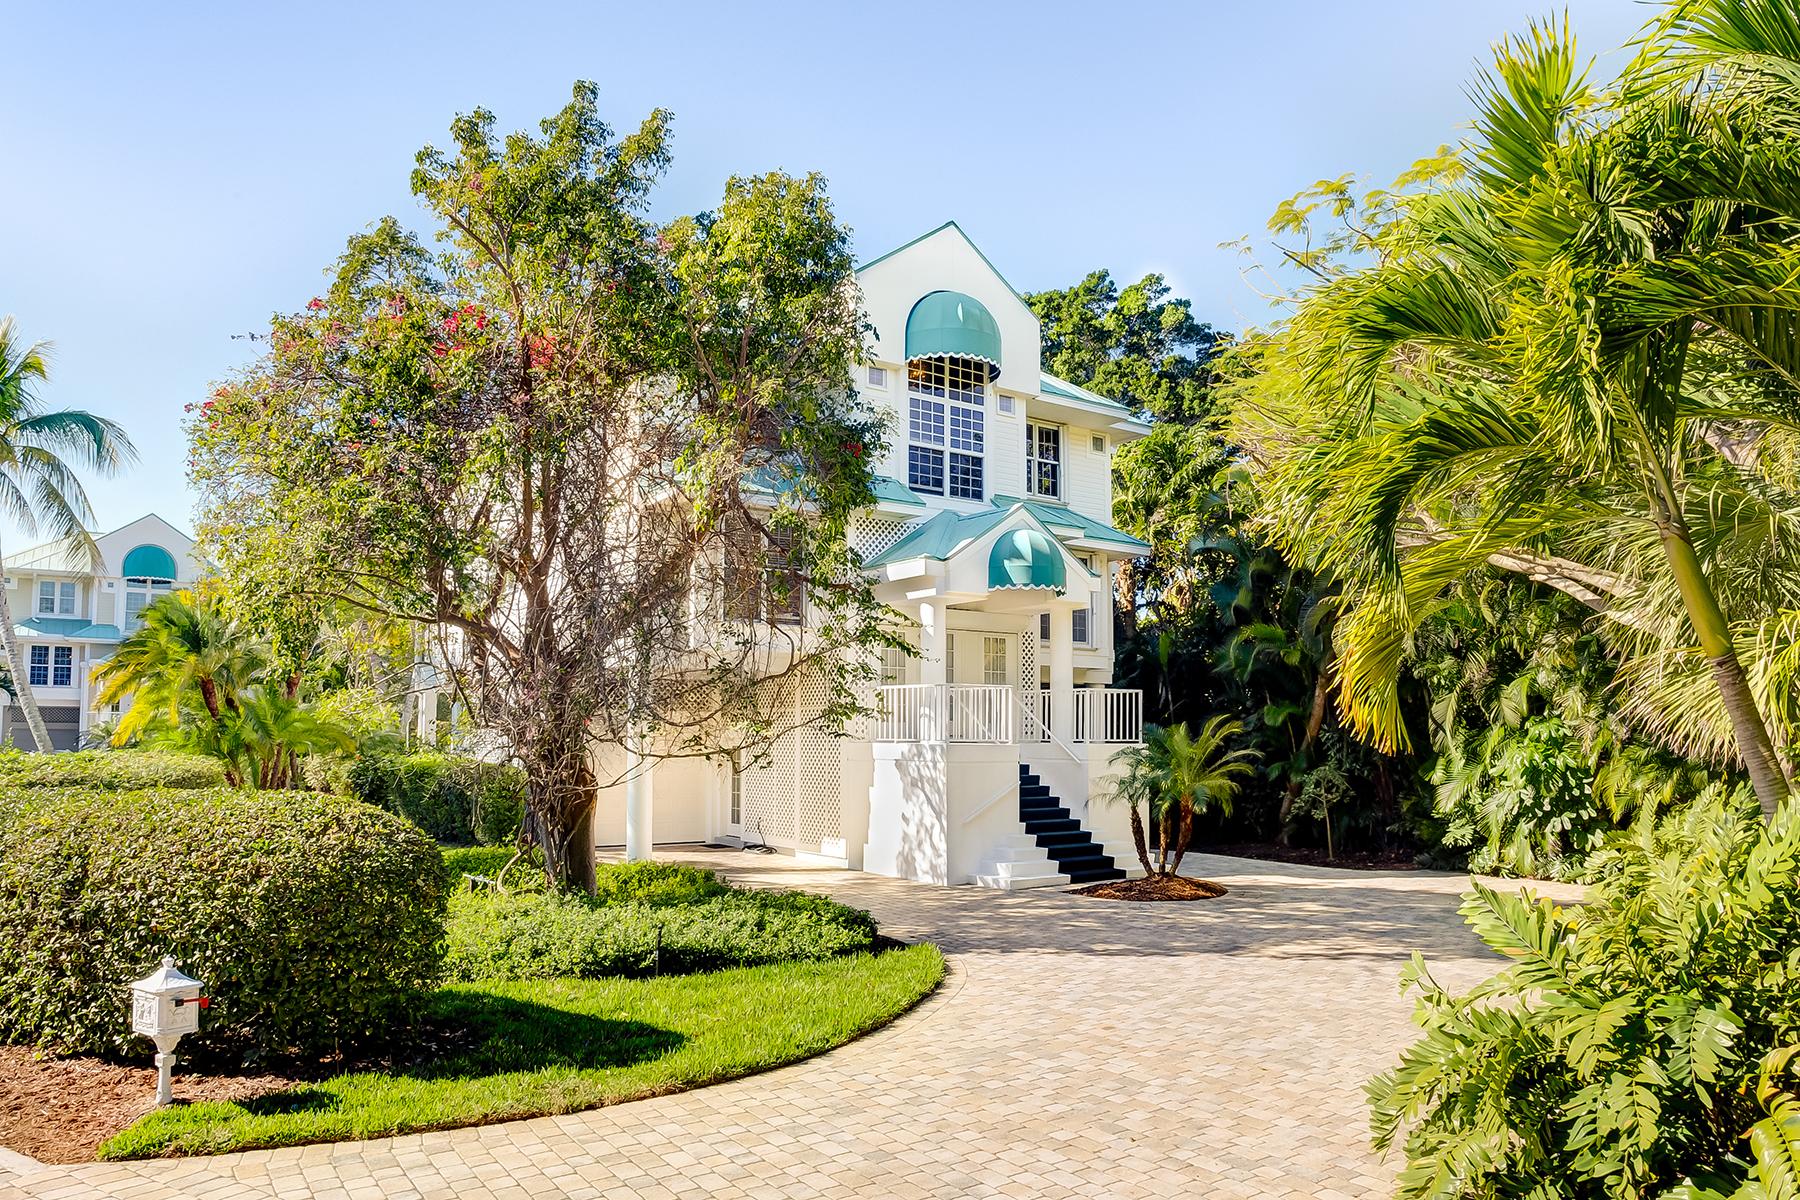 Maison unifamiliale pour l Vente à SANIBEL 408 Bella Vista Way E Sanibel, Florida, 33957 États-Unis